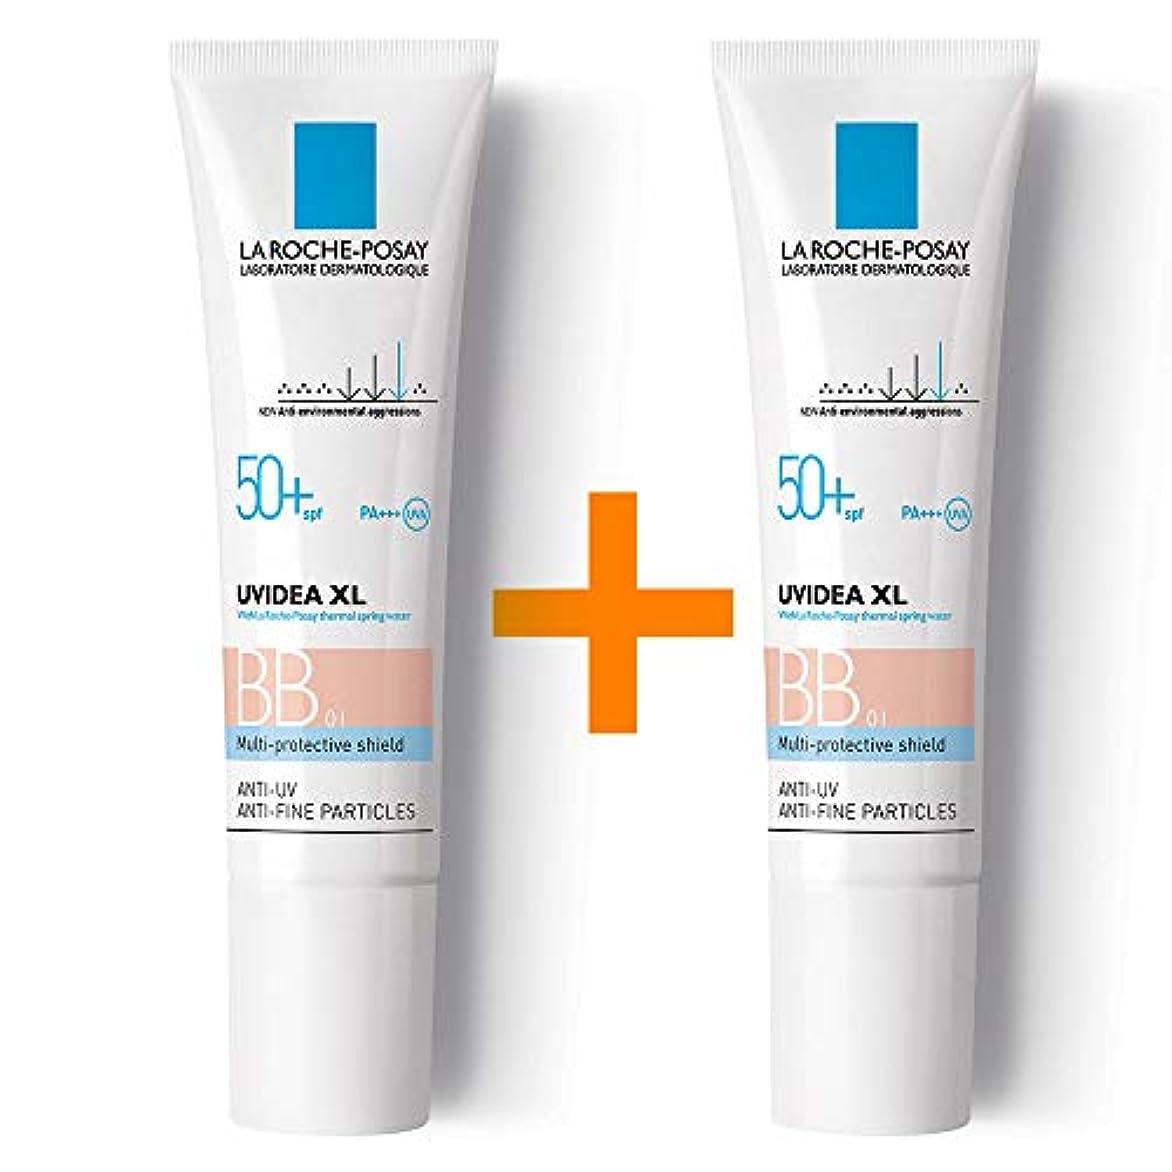 スポット耐えられる気を散らす[ 1 + 1 ] La Roche-Posay ラロッシュポゼ UVイデア XL プロテクションBB(01ライト) Uvidea XL BB Cream - #01 (30ml) SPF50+ PA++++ フランス日焼け止め